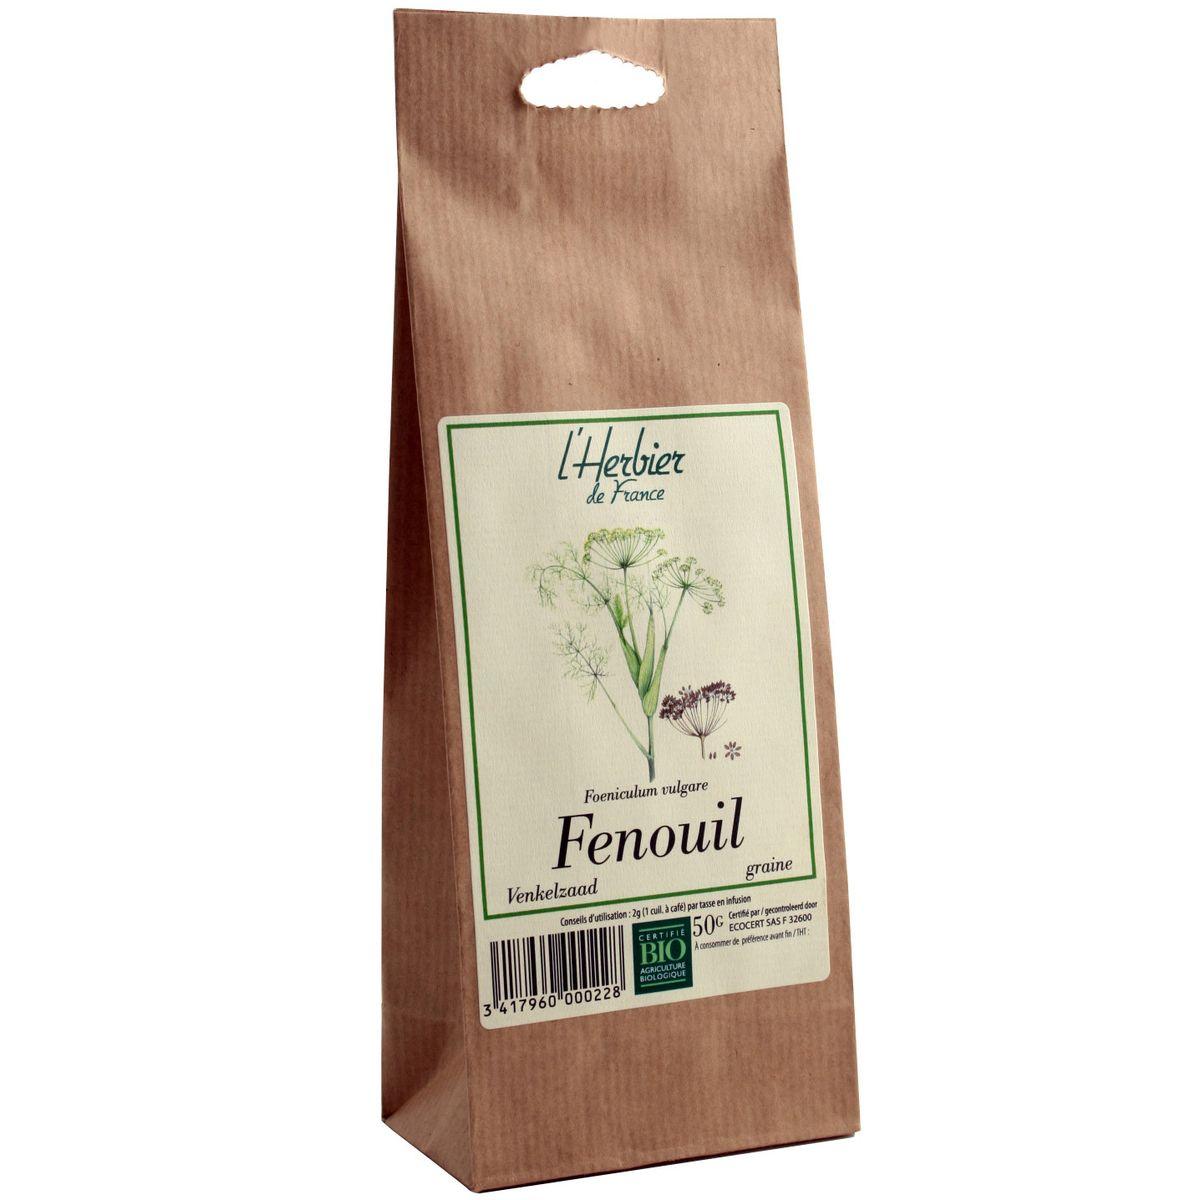 L Herbier Du Midi Produits Naturels fenouil en graine bio, herbier de france (50 g)